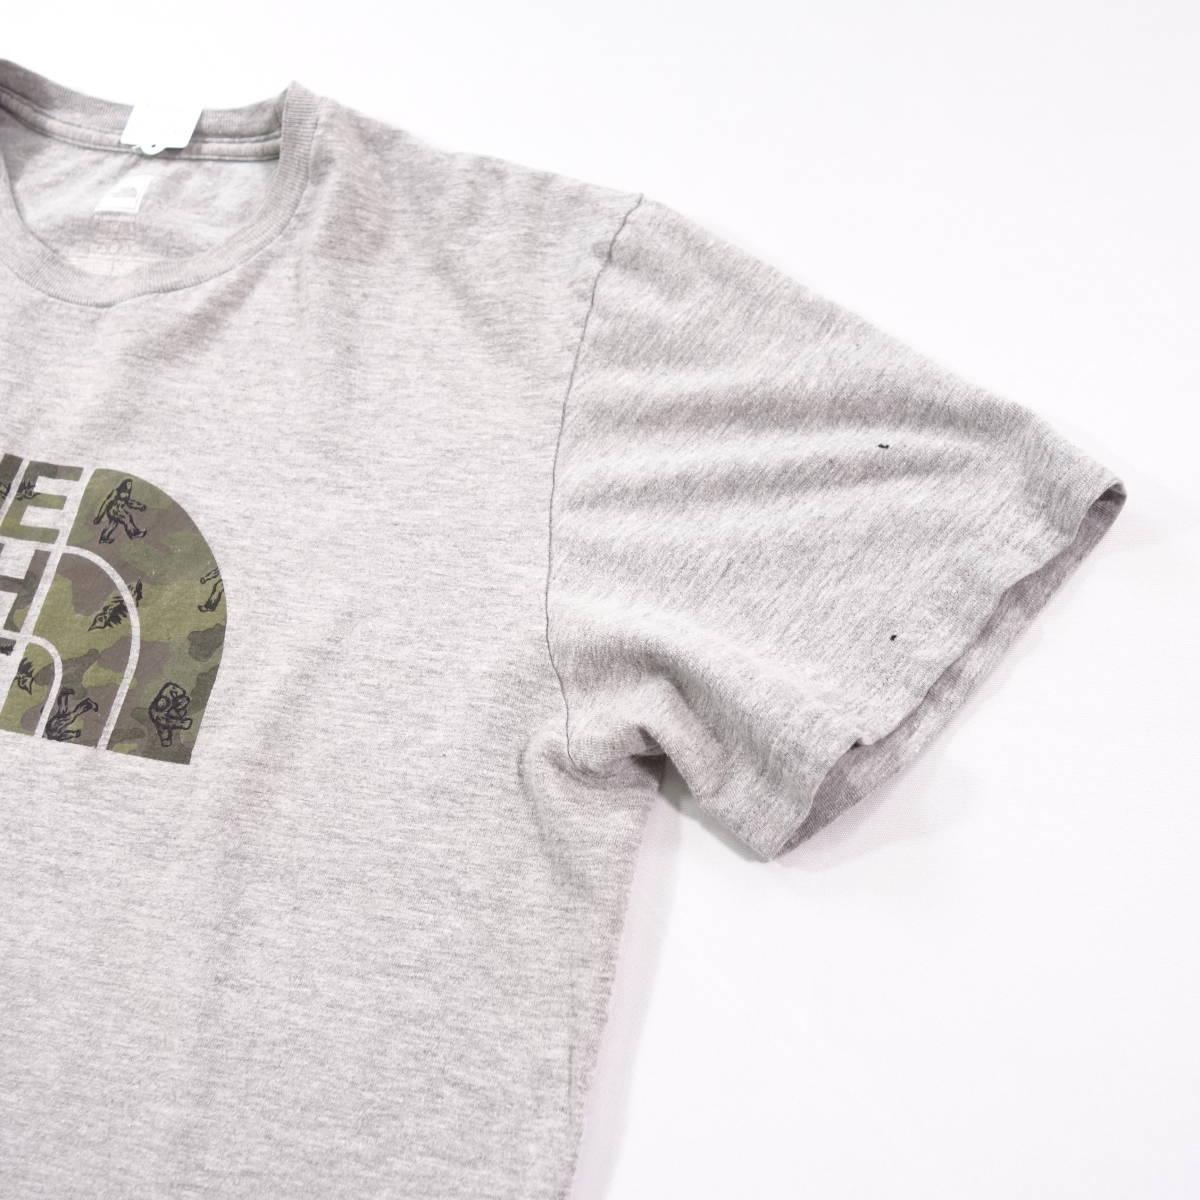 ノースフェイス Tシャツ 半袖 メンズ L 丸首 ハーフドーム プリントロゴ アウトドア トップス USA直輸入 古着 MNO-1-1-0209_画像6